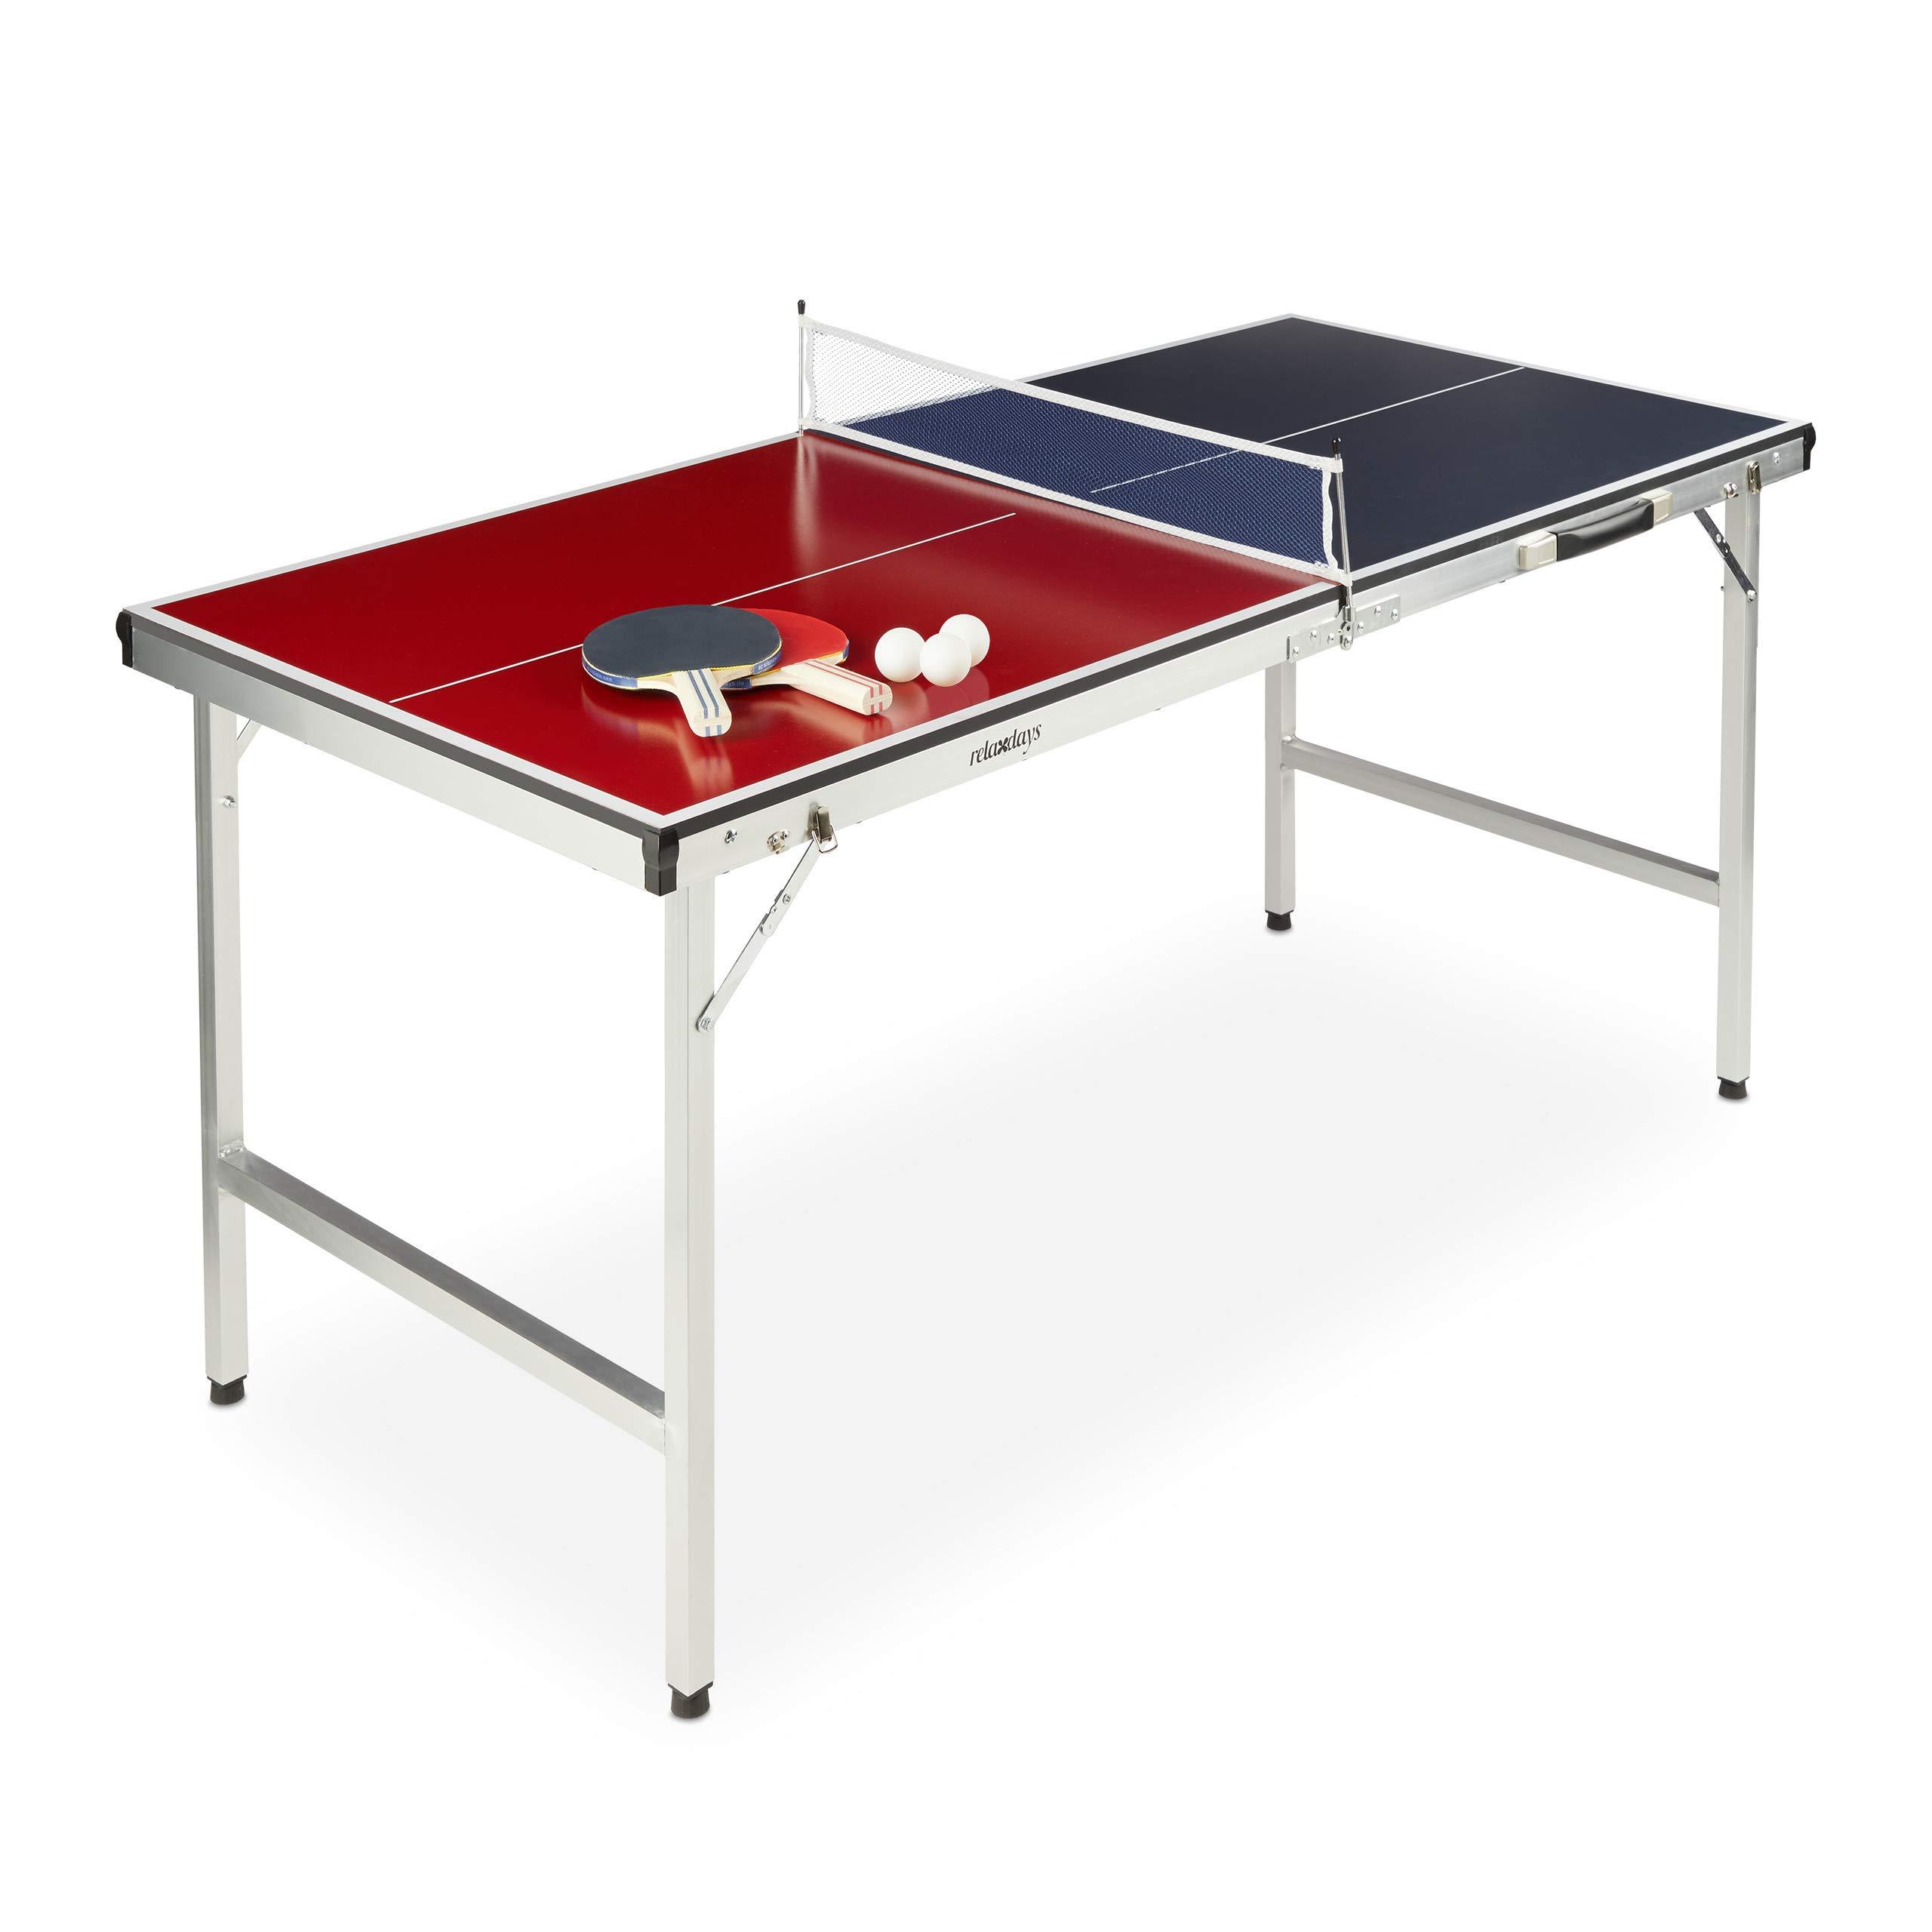 Relaxdays Mesa Ping Pong Plegable, Set con 2 Palas, Red y 3 Pelotas, DM y Aluminio, 67,5 x 151 x 67,5 cm, Azul y Rojo: Amazon.es: Deportes y aire libre